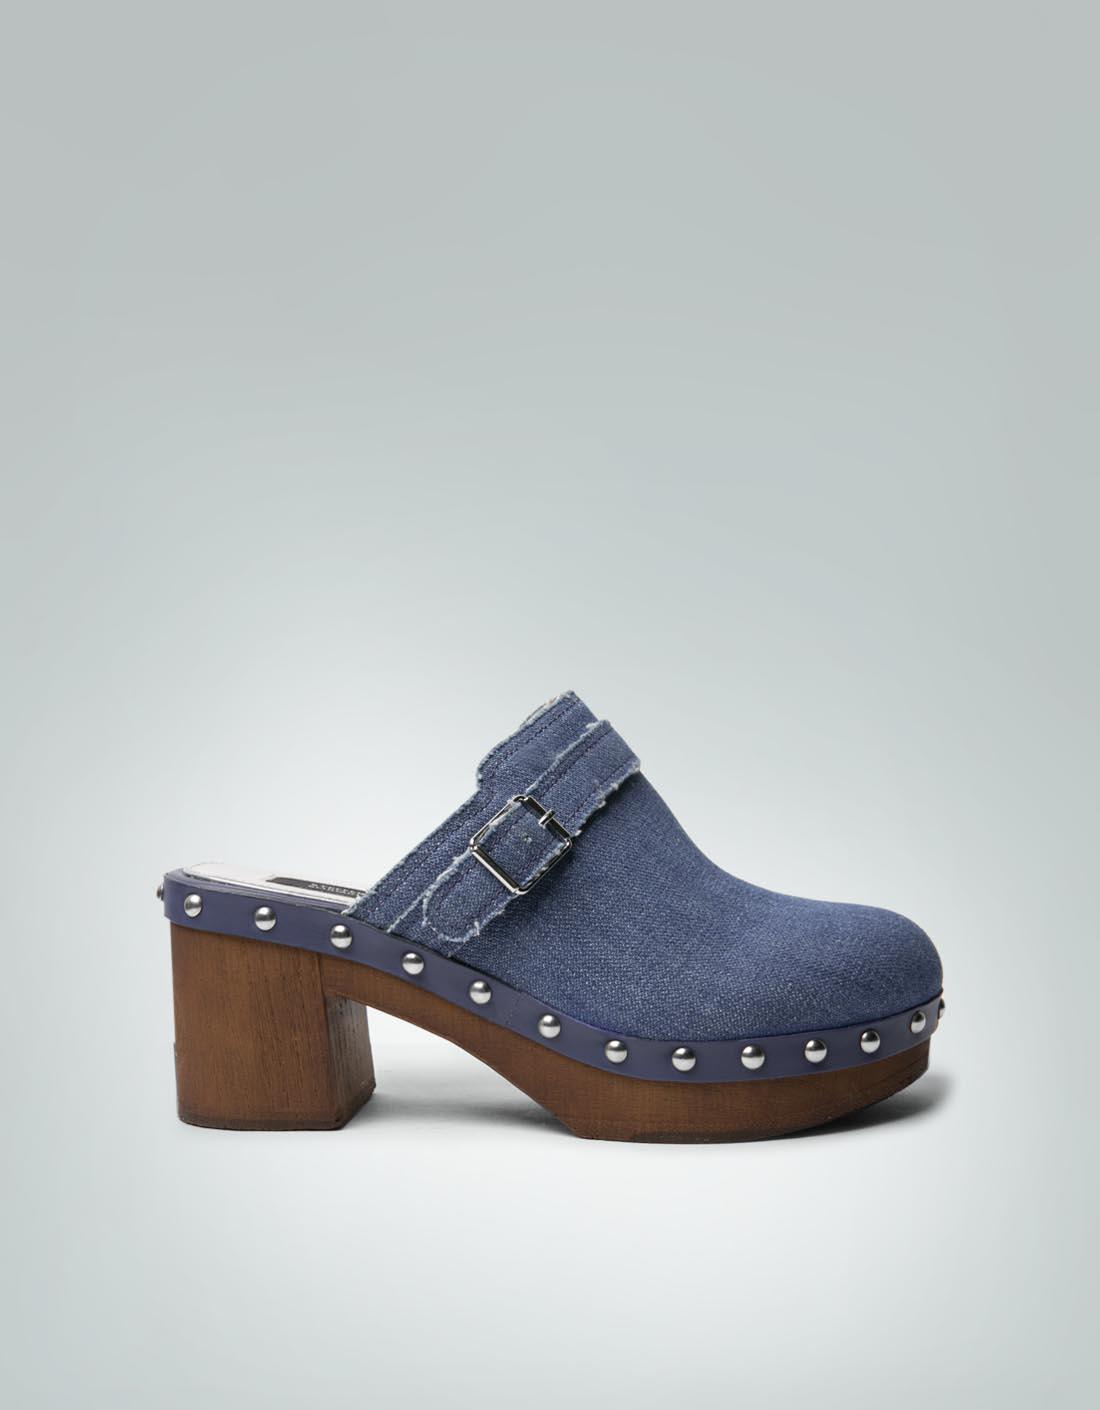 steffen schraut damen clog s in jeans optik empfohlen von. Black Bedroom Furniture Sets. Home Design Ideas